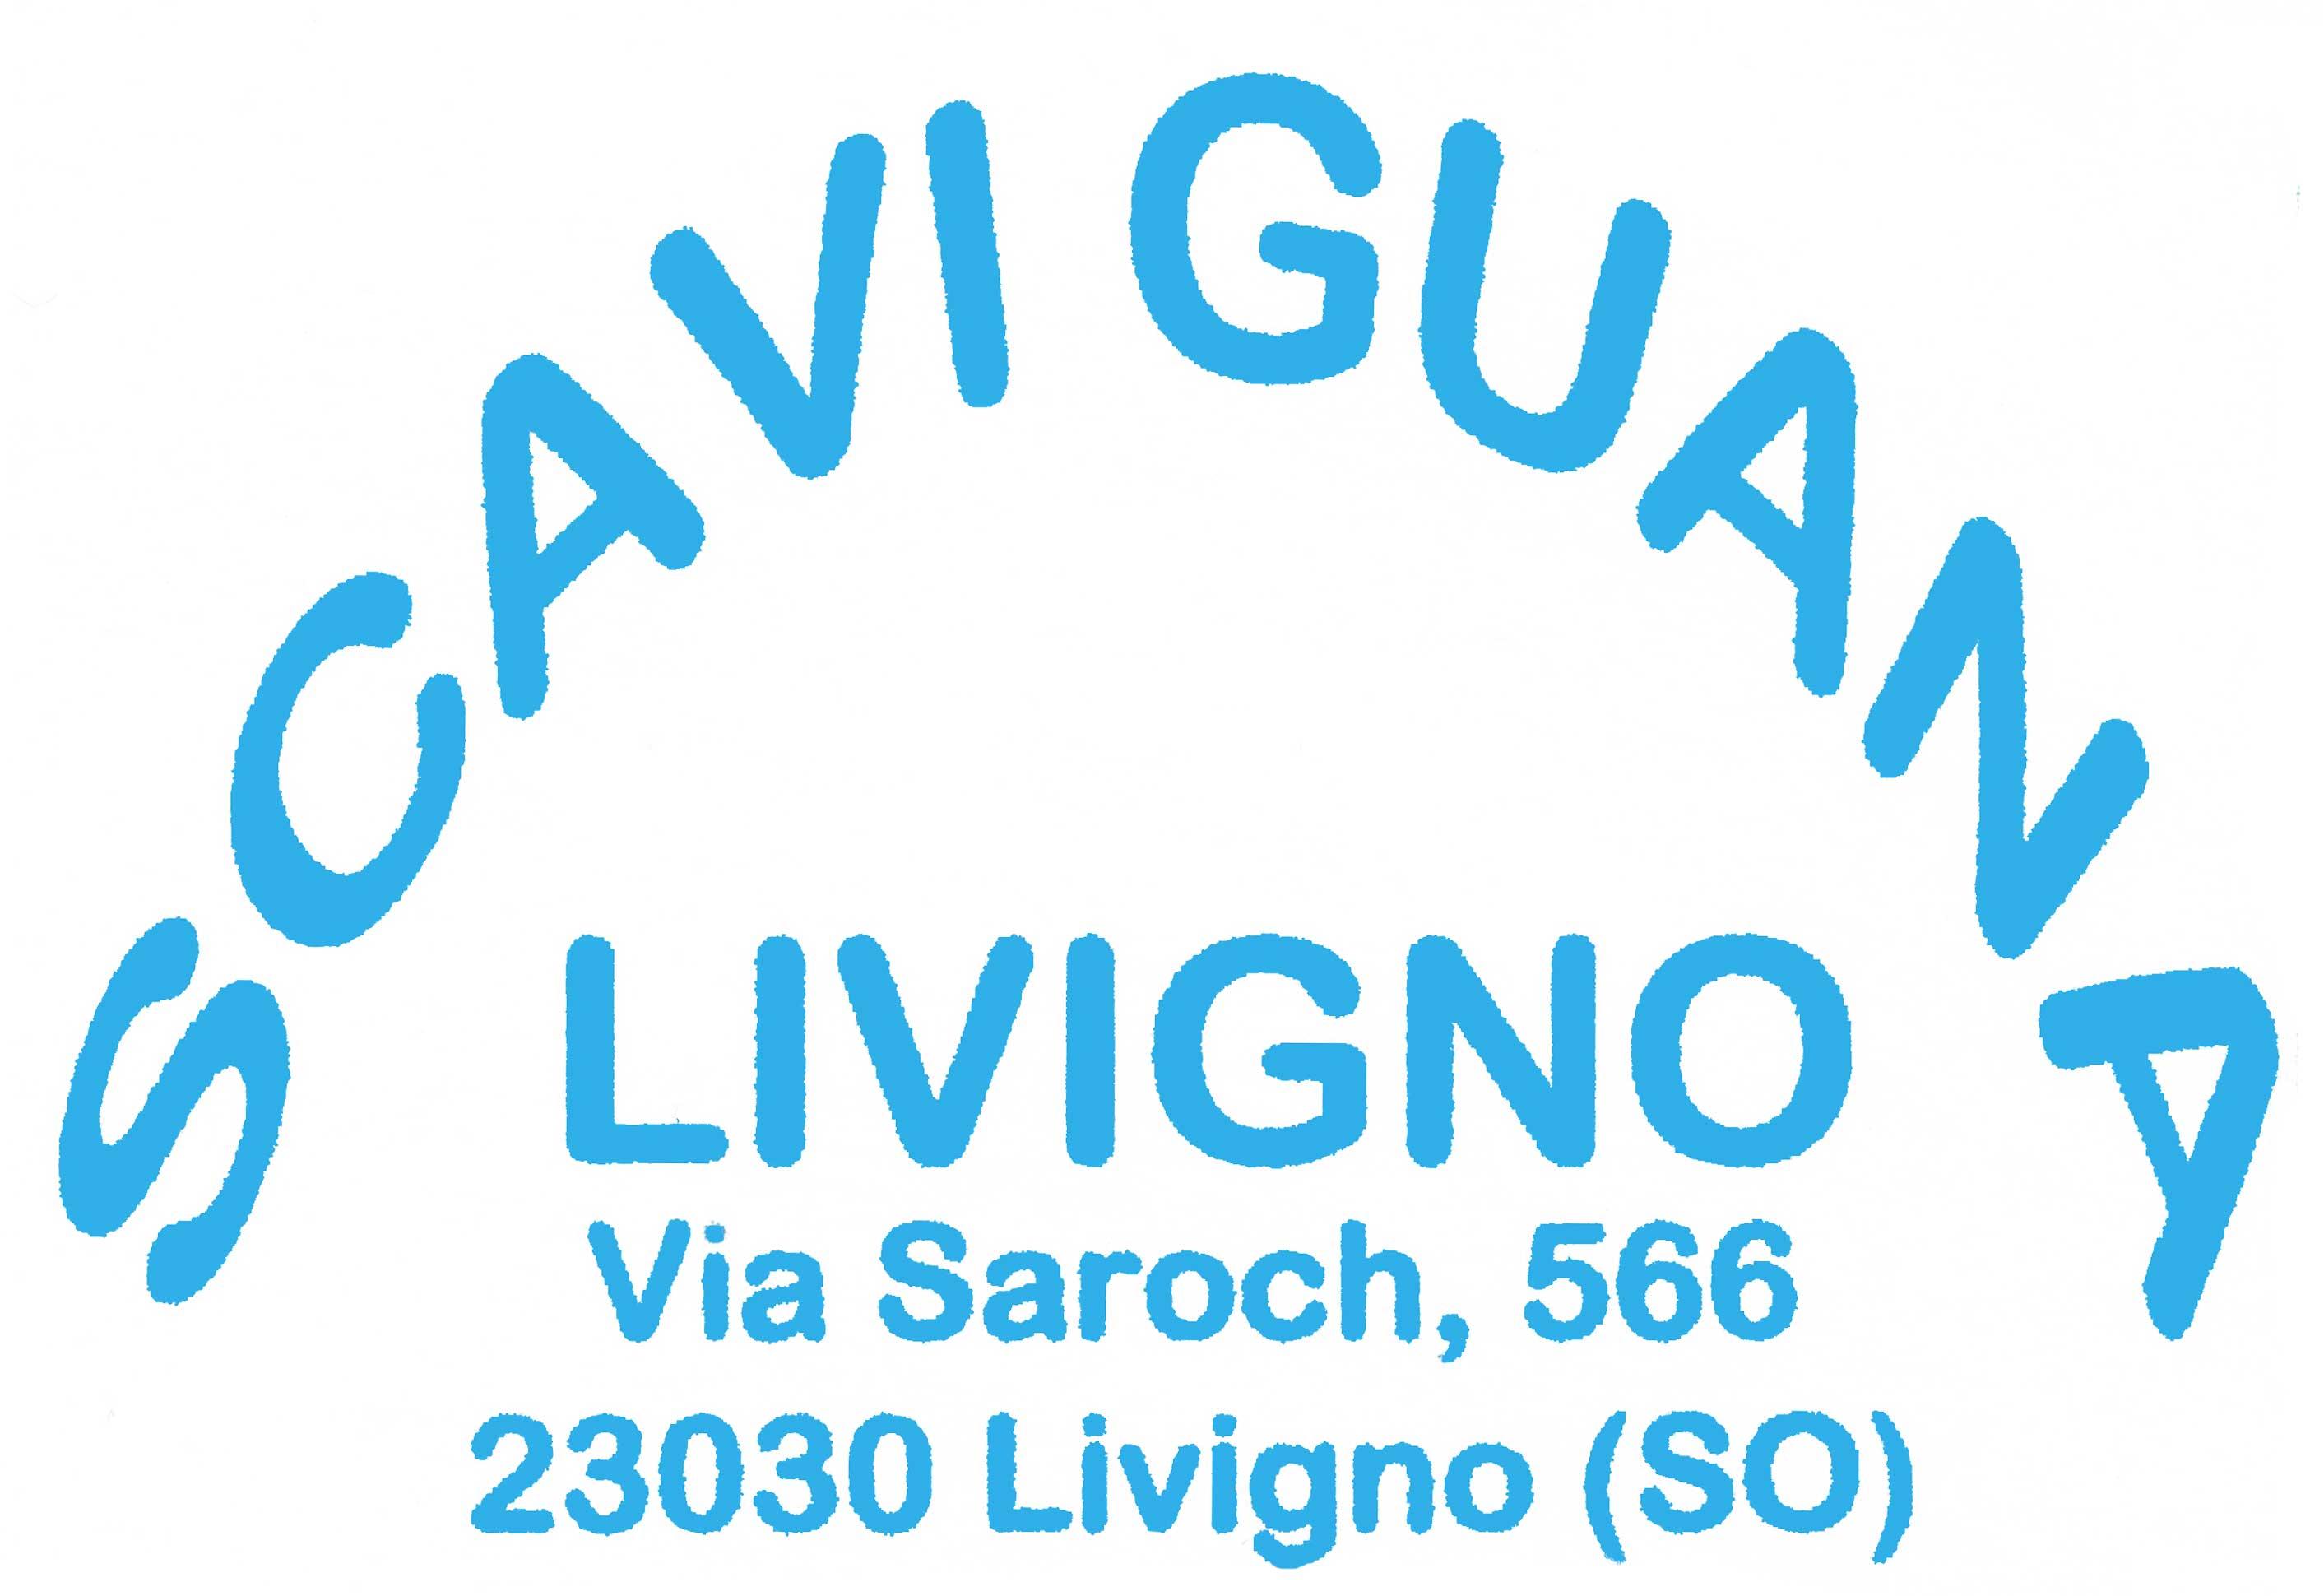 Scavi-Guana-per-Web